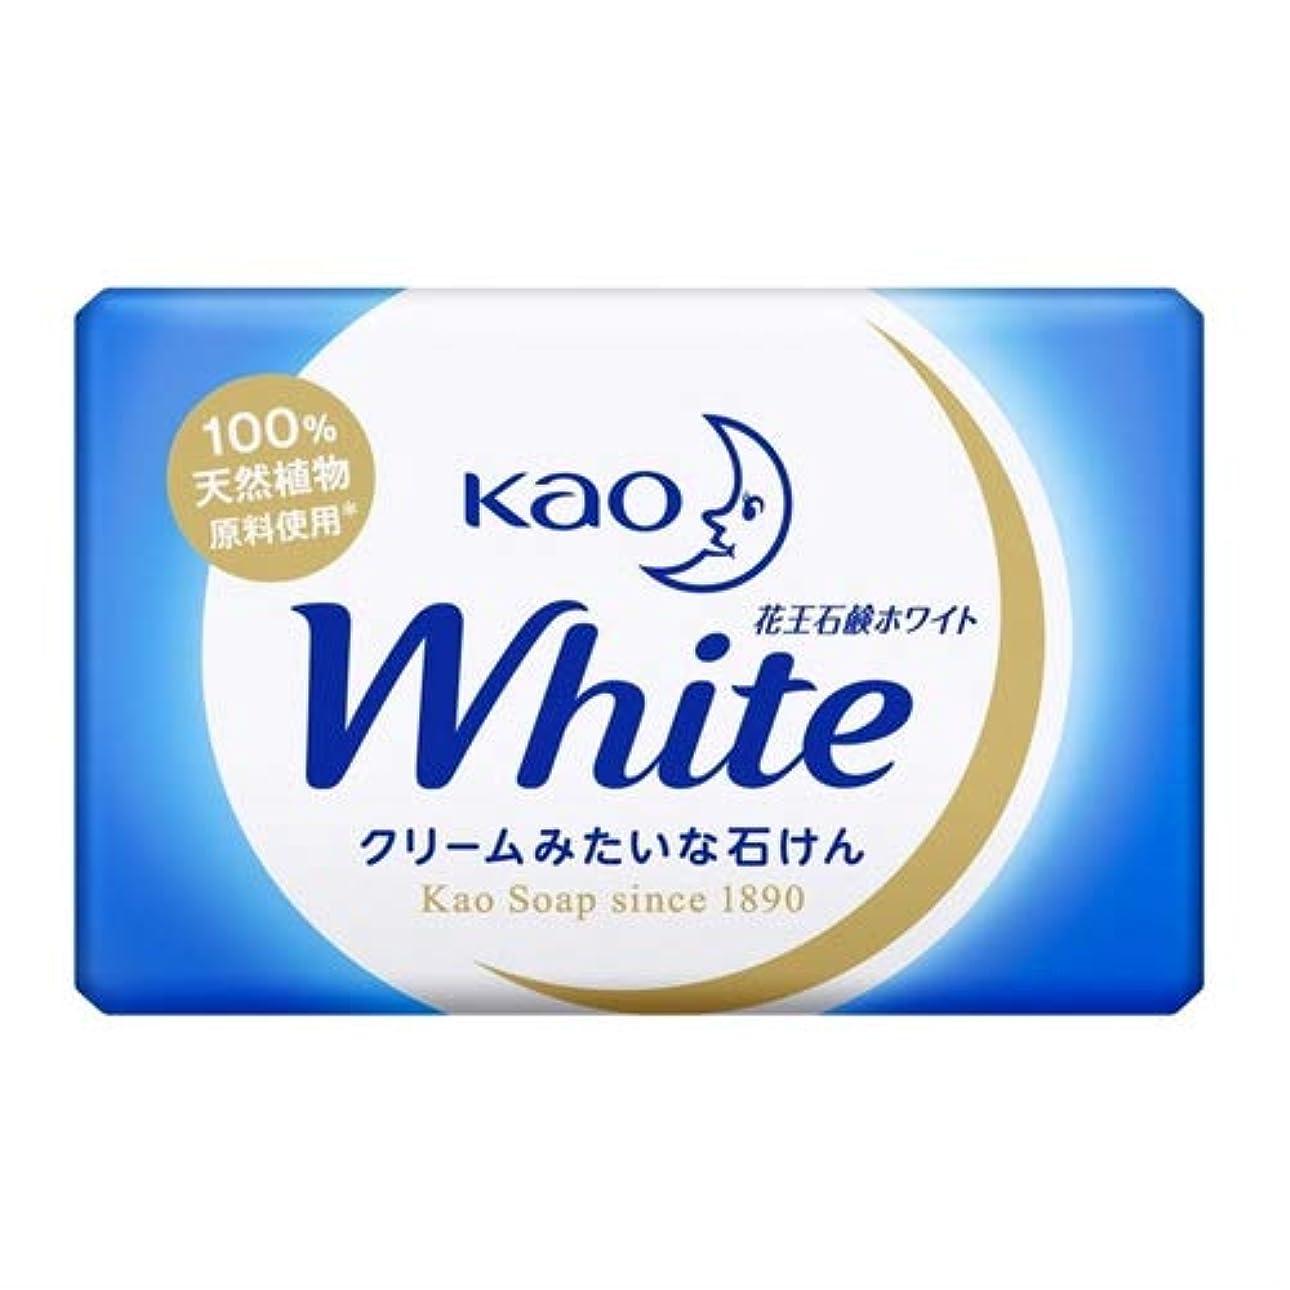 すずめ怒るひどく花王石鹸ホワイト 業務用ミニサイズ 15g × 30個セット